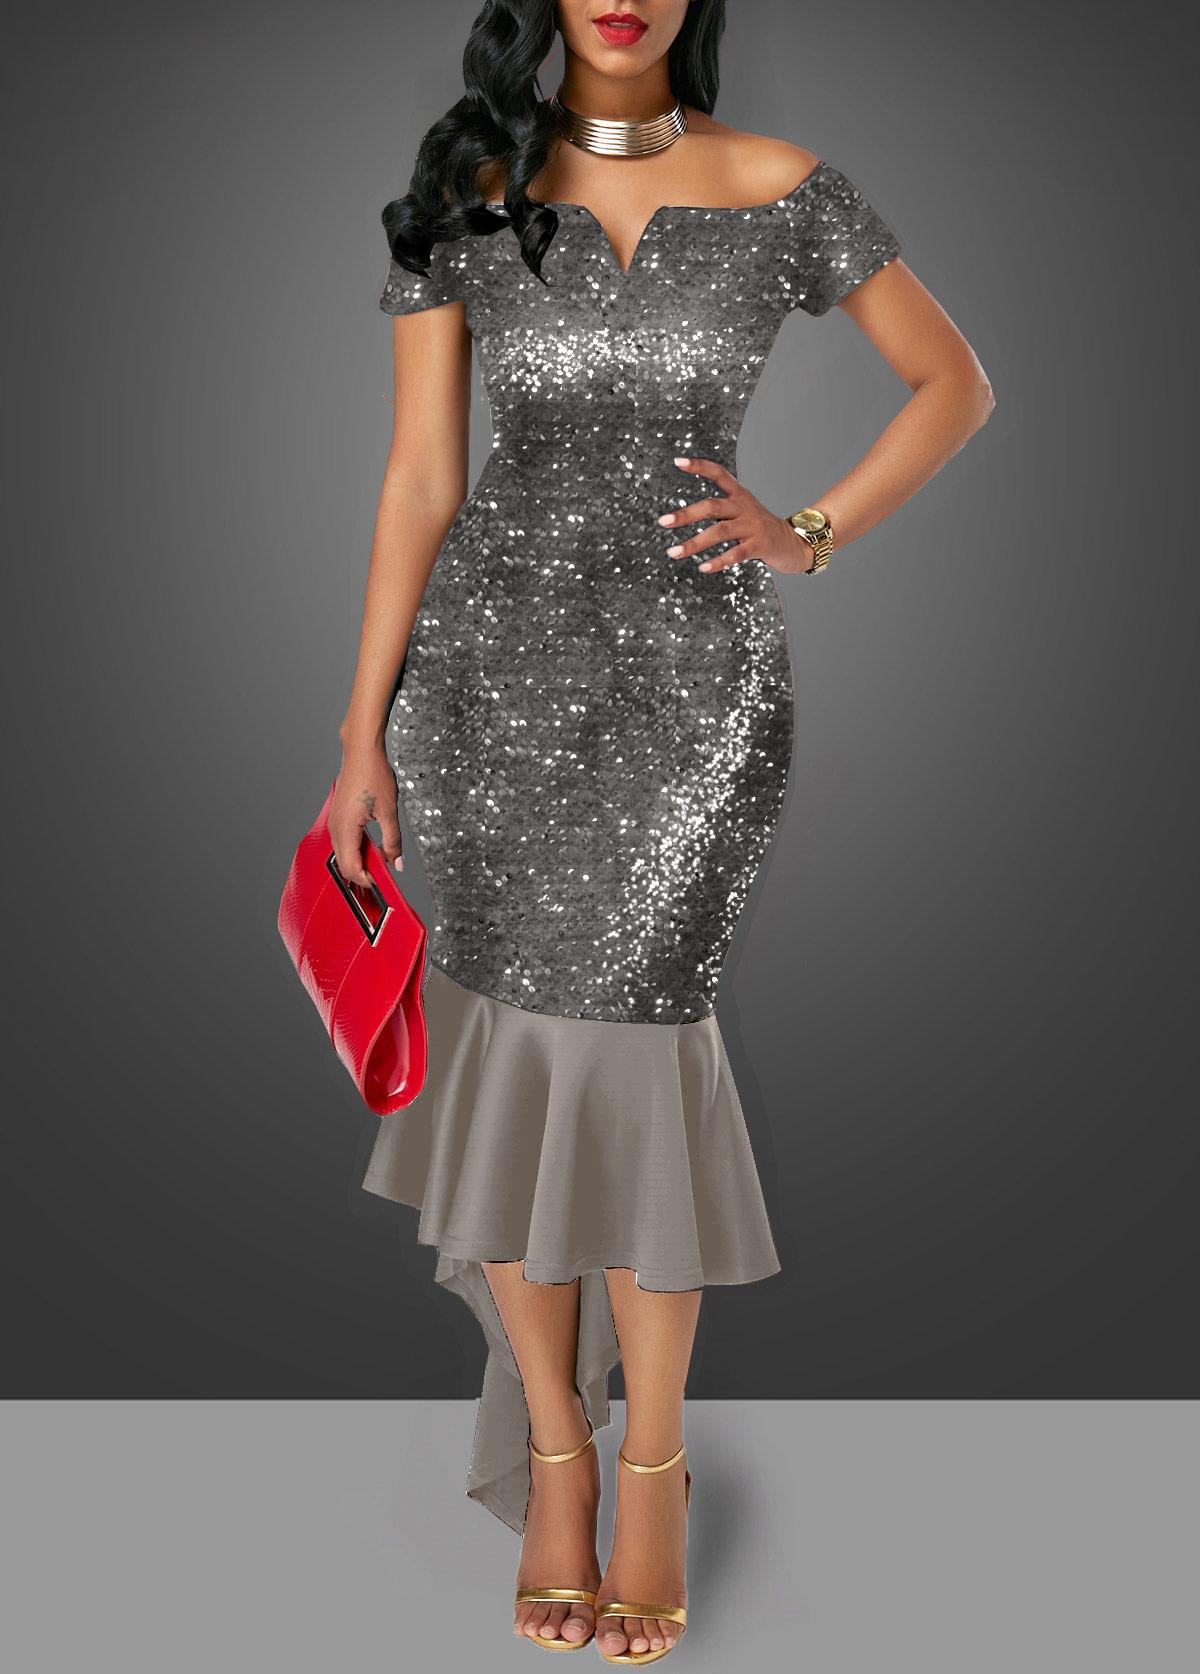 Off the Shoulder Sequin Embellished Dark Grey Sheath Dress